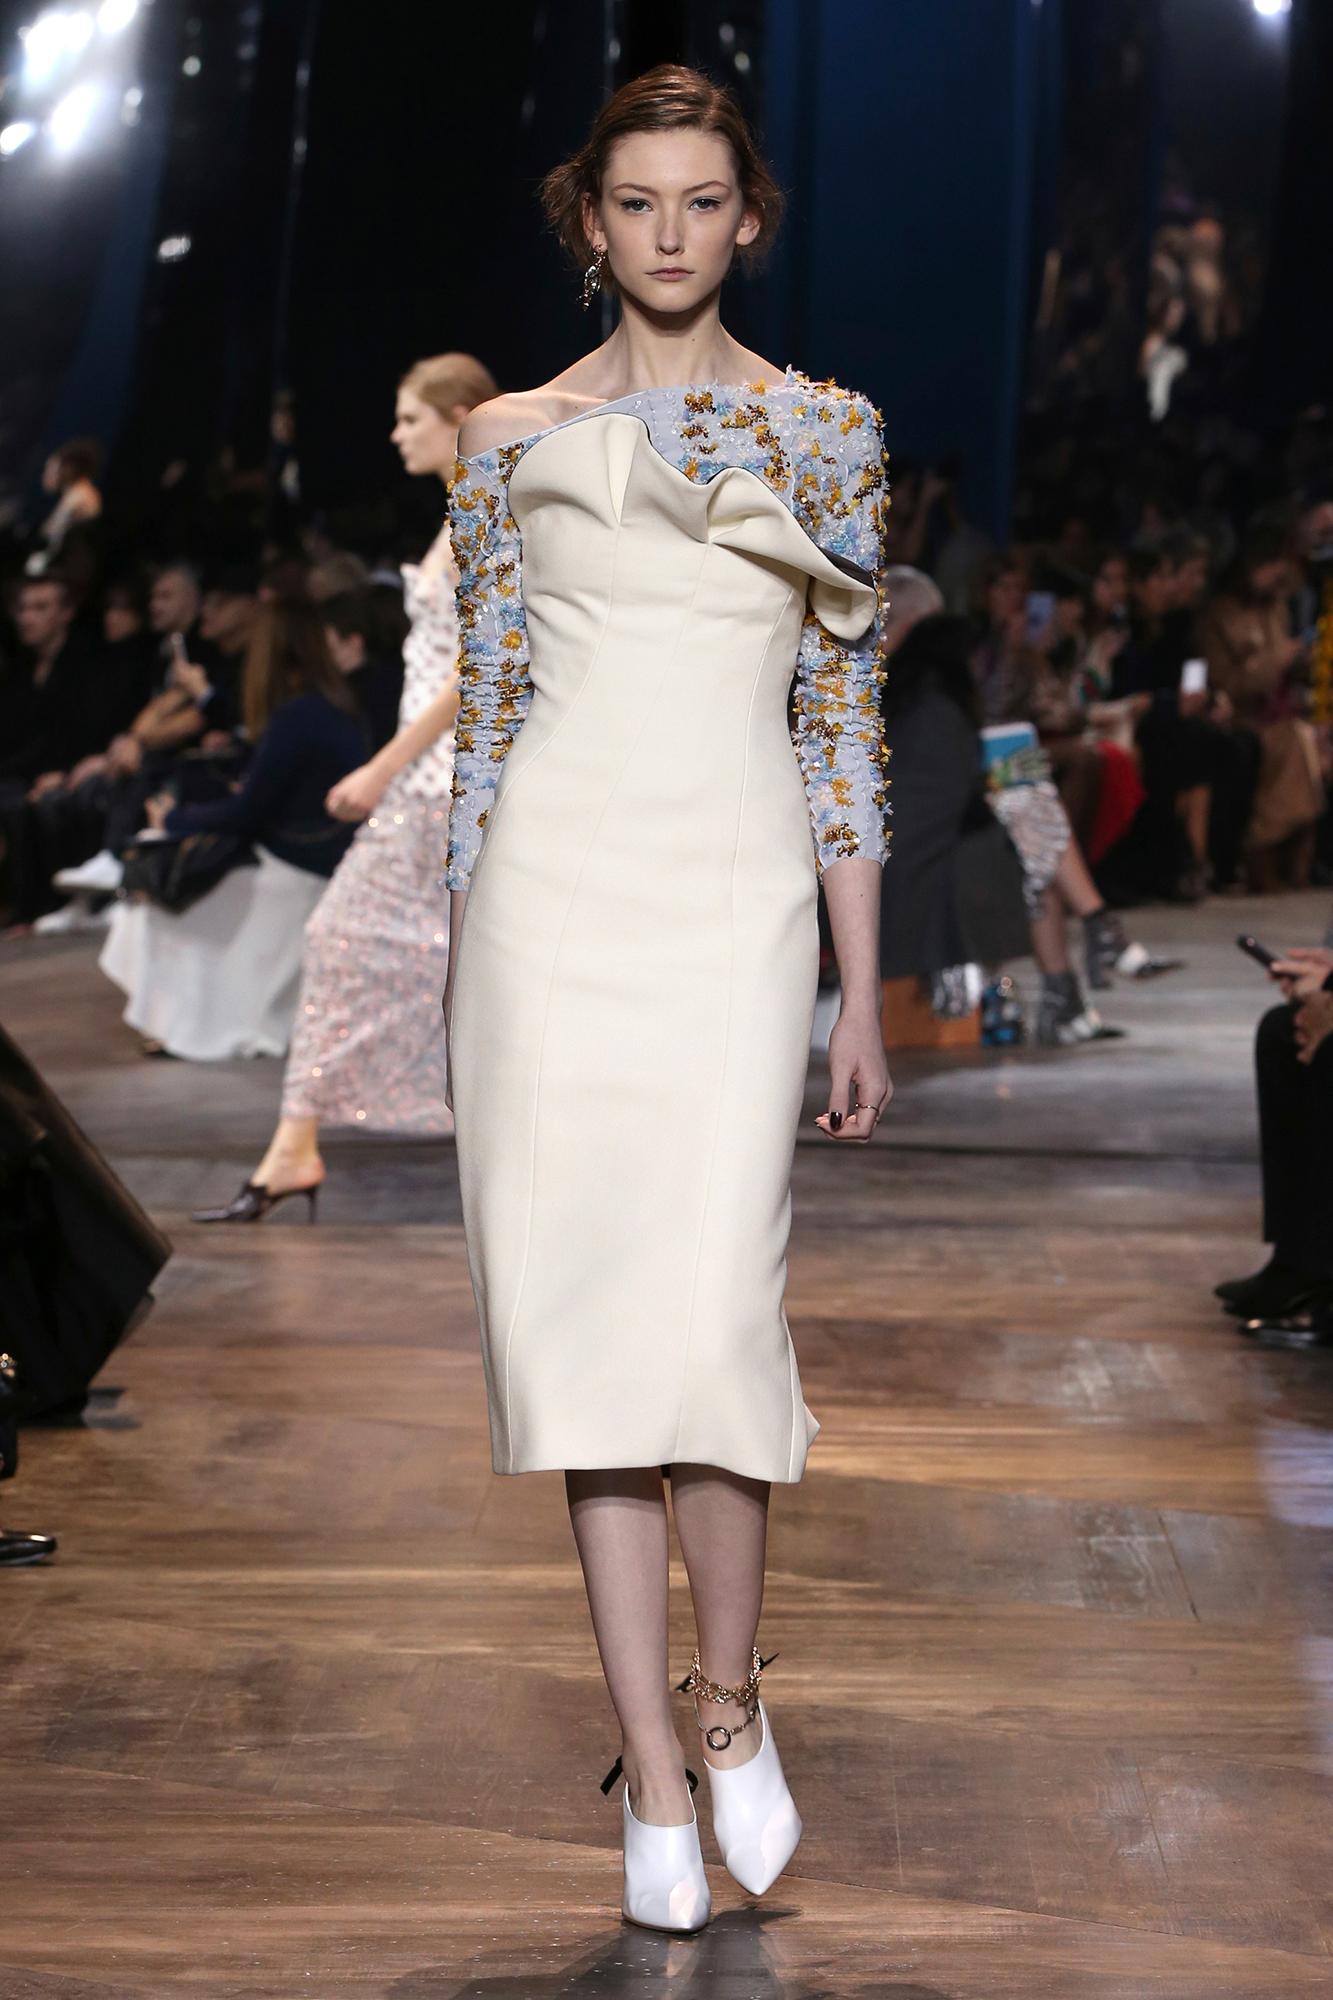 Dior-Couture-Silhouette-14